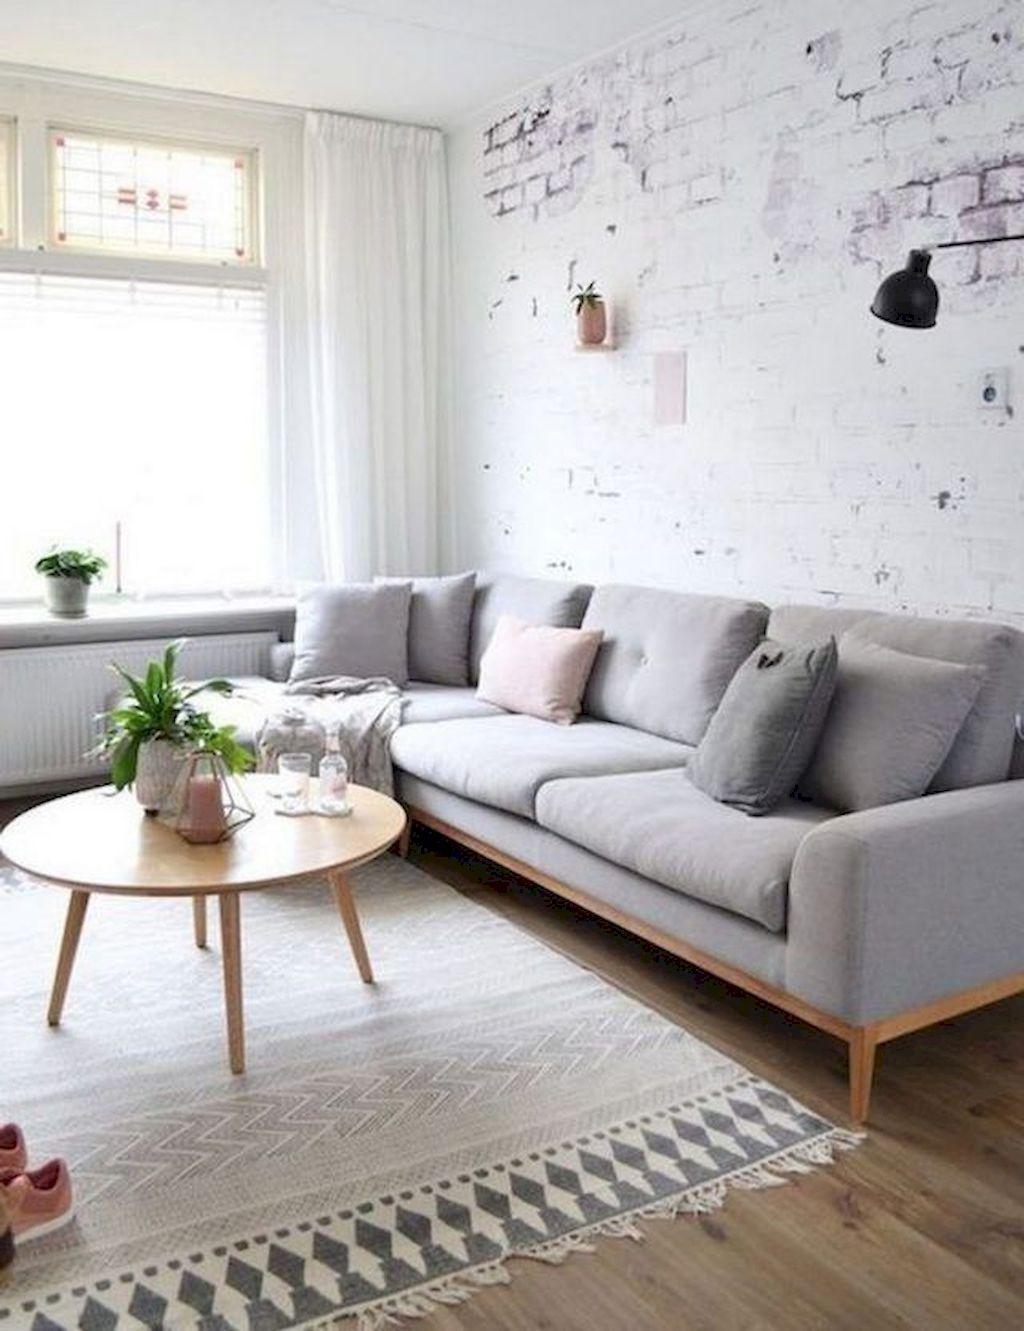 School Living Room Scandinavian Modern Minimalist Living Room Formal Living Room Designs